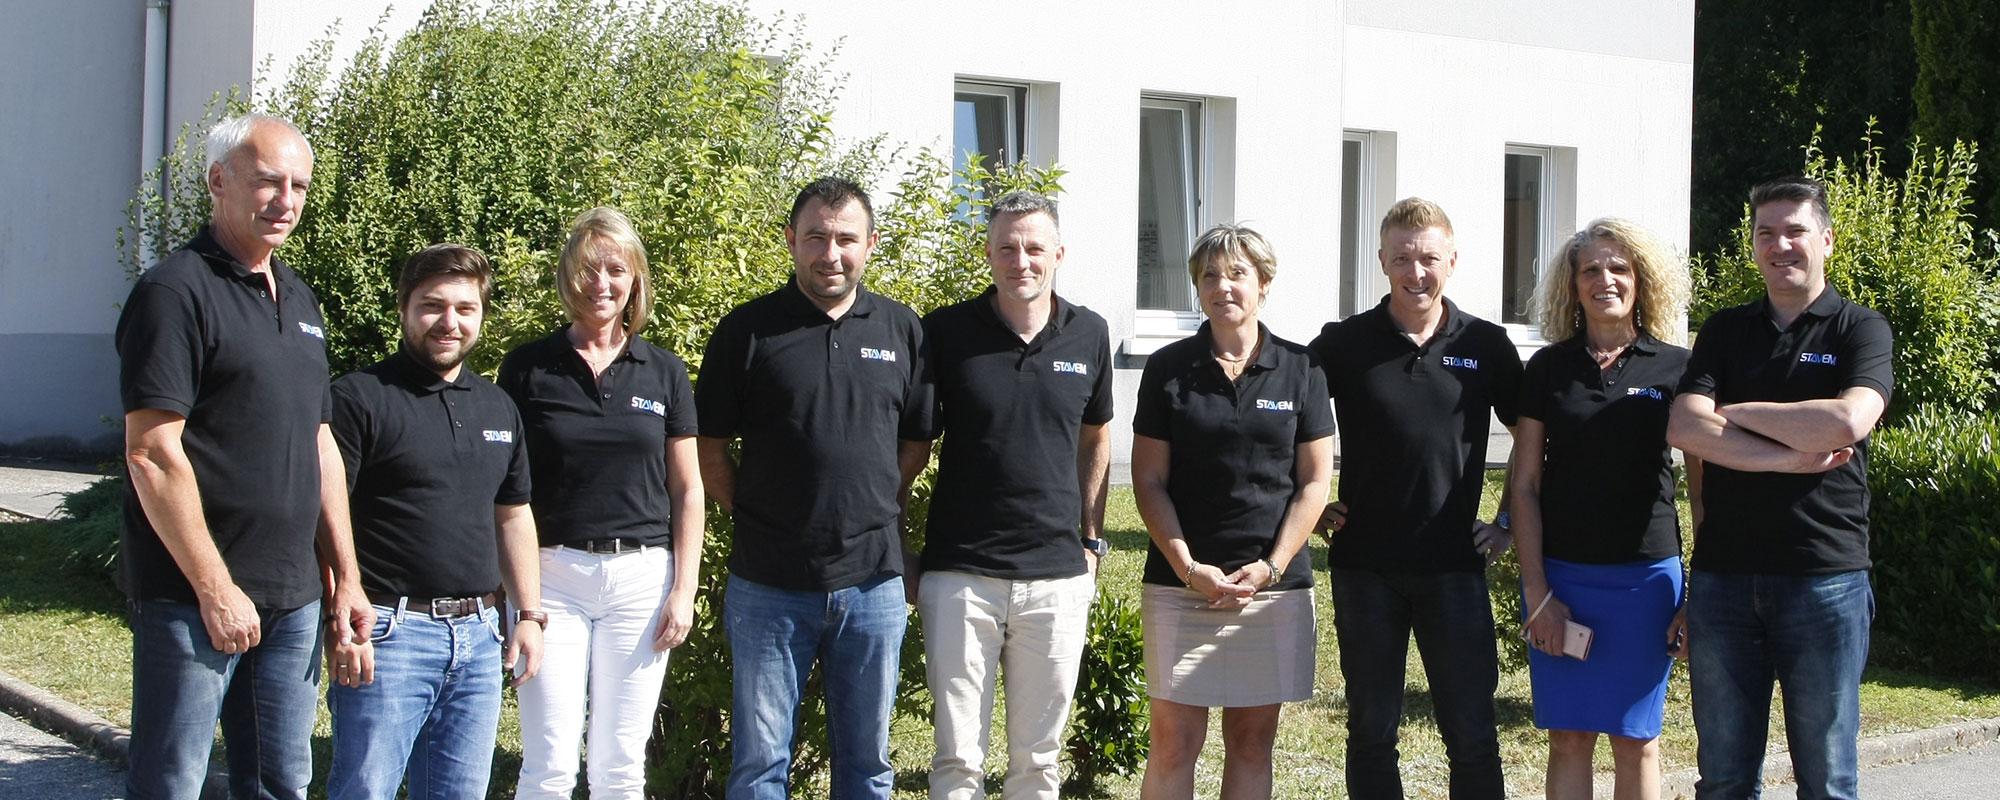 Stavem - Société française spécialisée dans le conseil et la fourniture d'éléments pour moules métalliques et outillages, à destination des moulistes et des transformateurs.